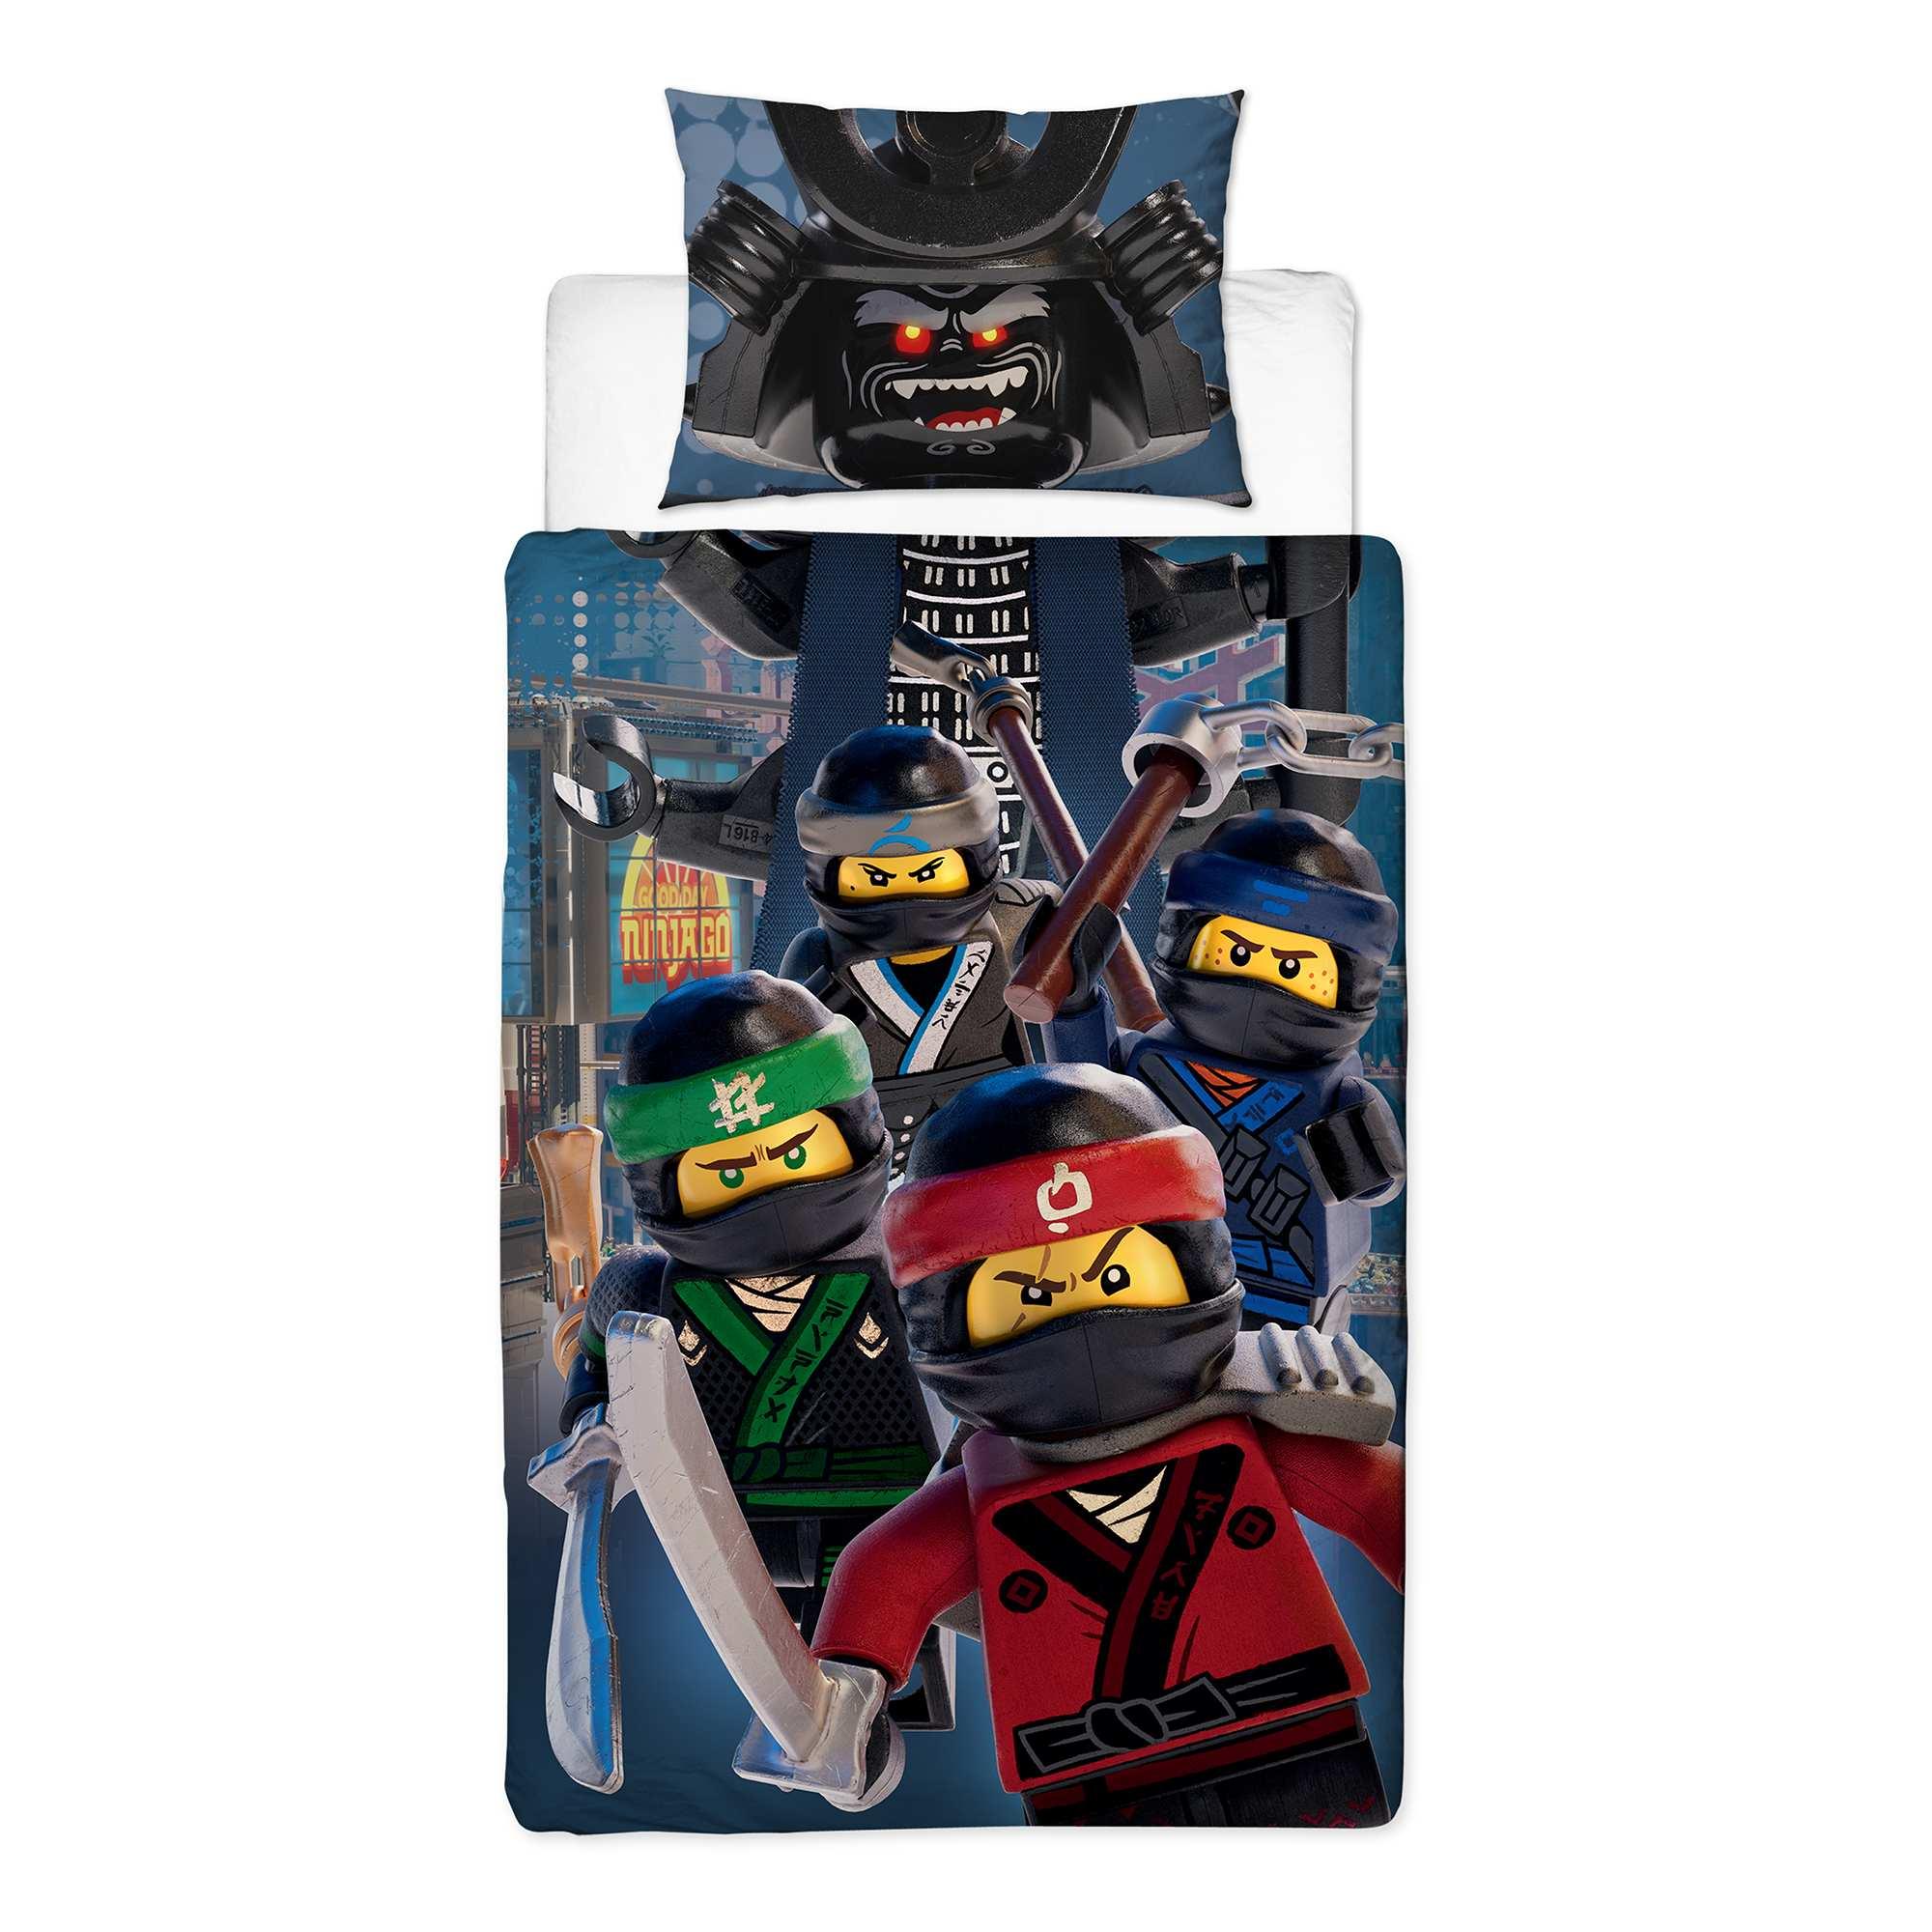 Couleur : bleu, , ,, - Taille : 135X200, , ,,Aussi silencieux qu'un ninja avec 'Lego' 'Ninjago' ! - Parure de lit 'Lego' 'Ninjago'